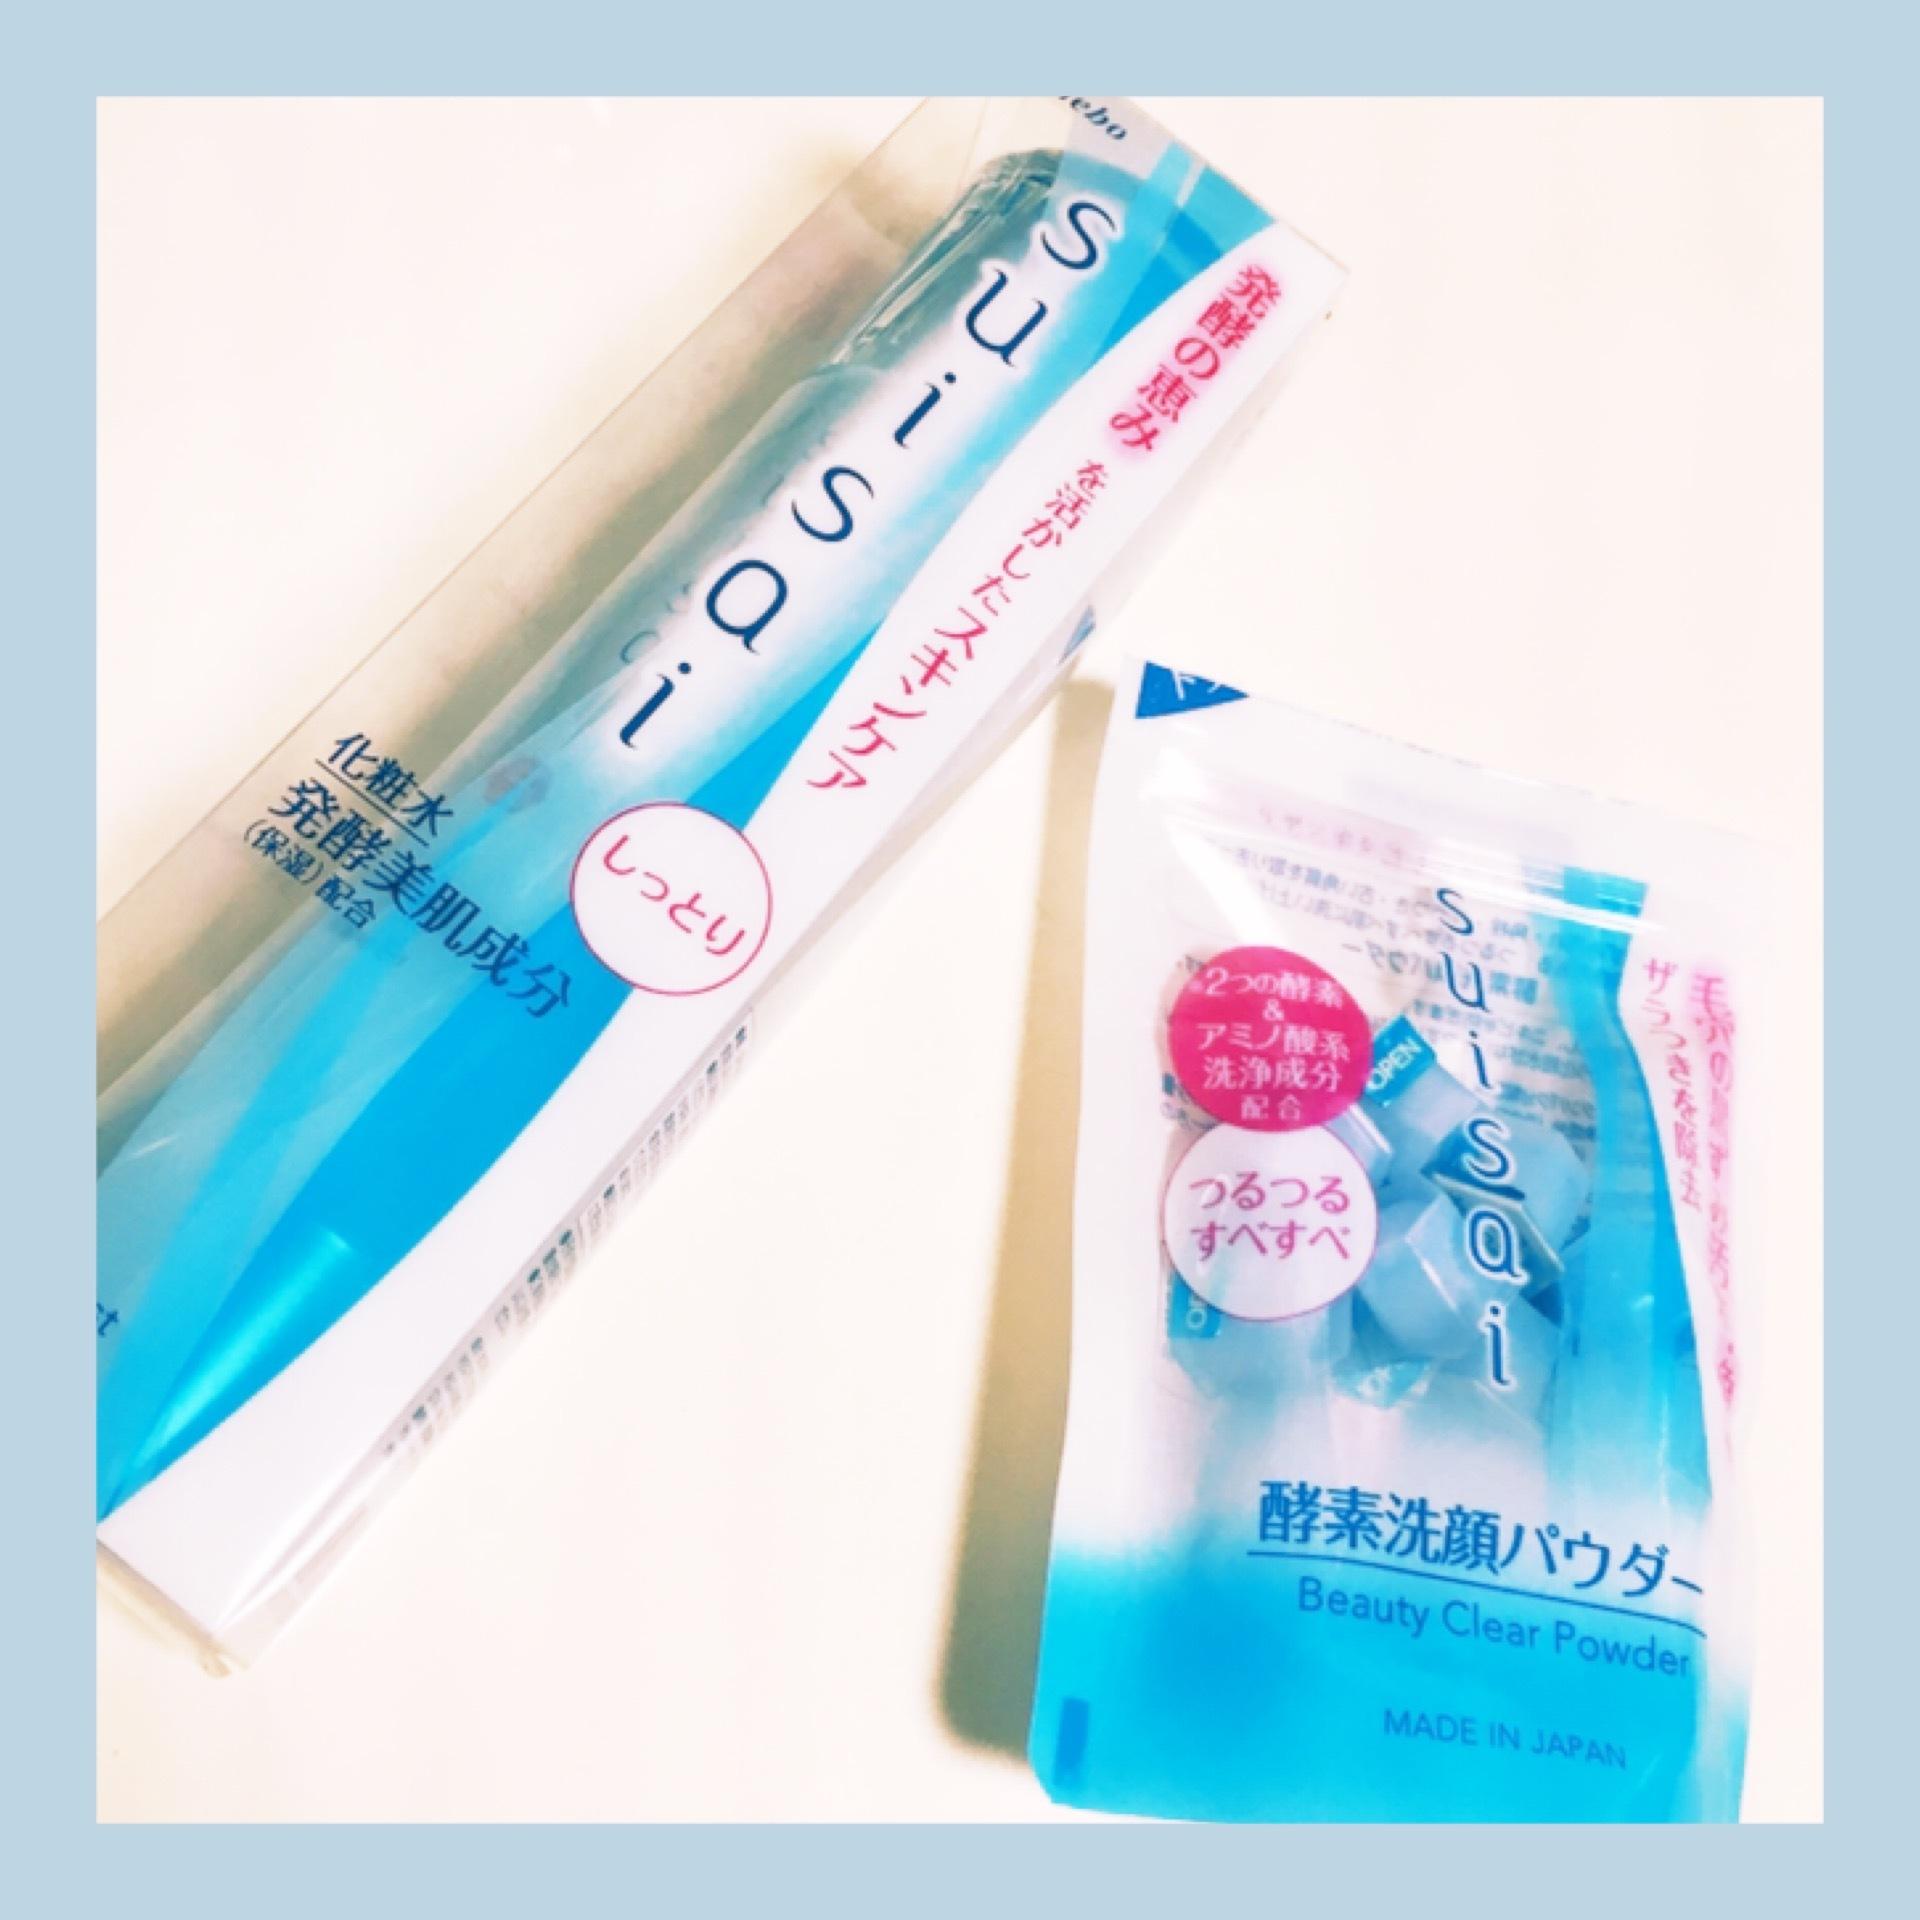 『 カネボウ suisai ローション&酵素洗顔パウダー 』2_1_5